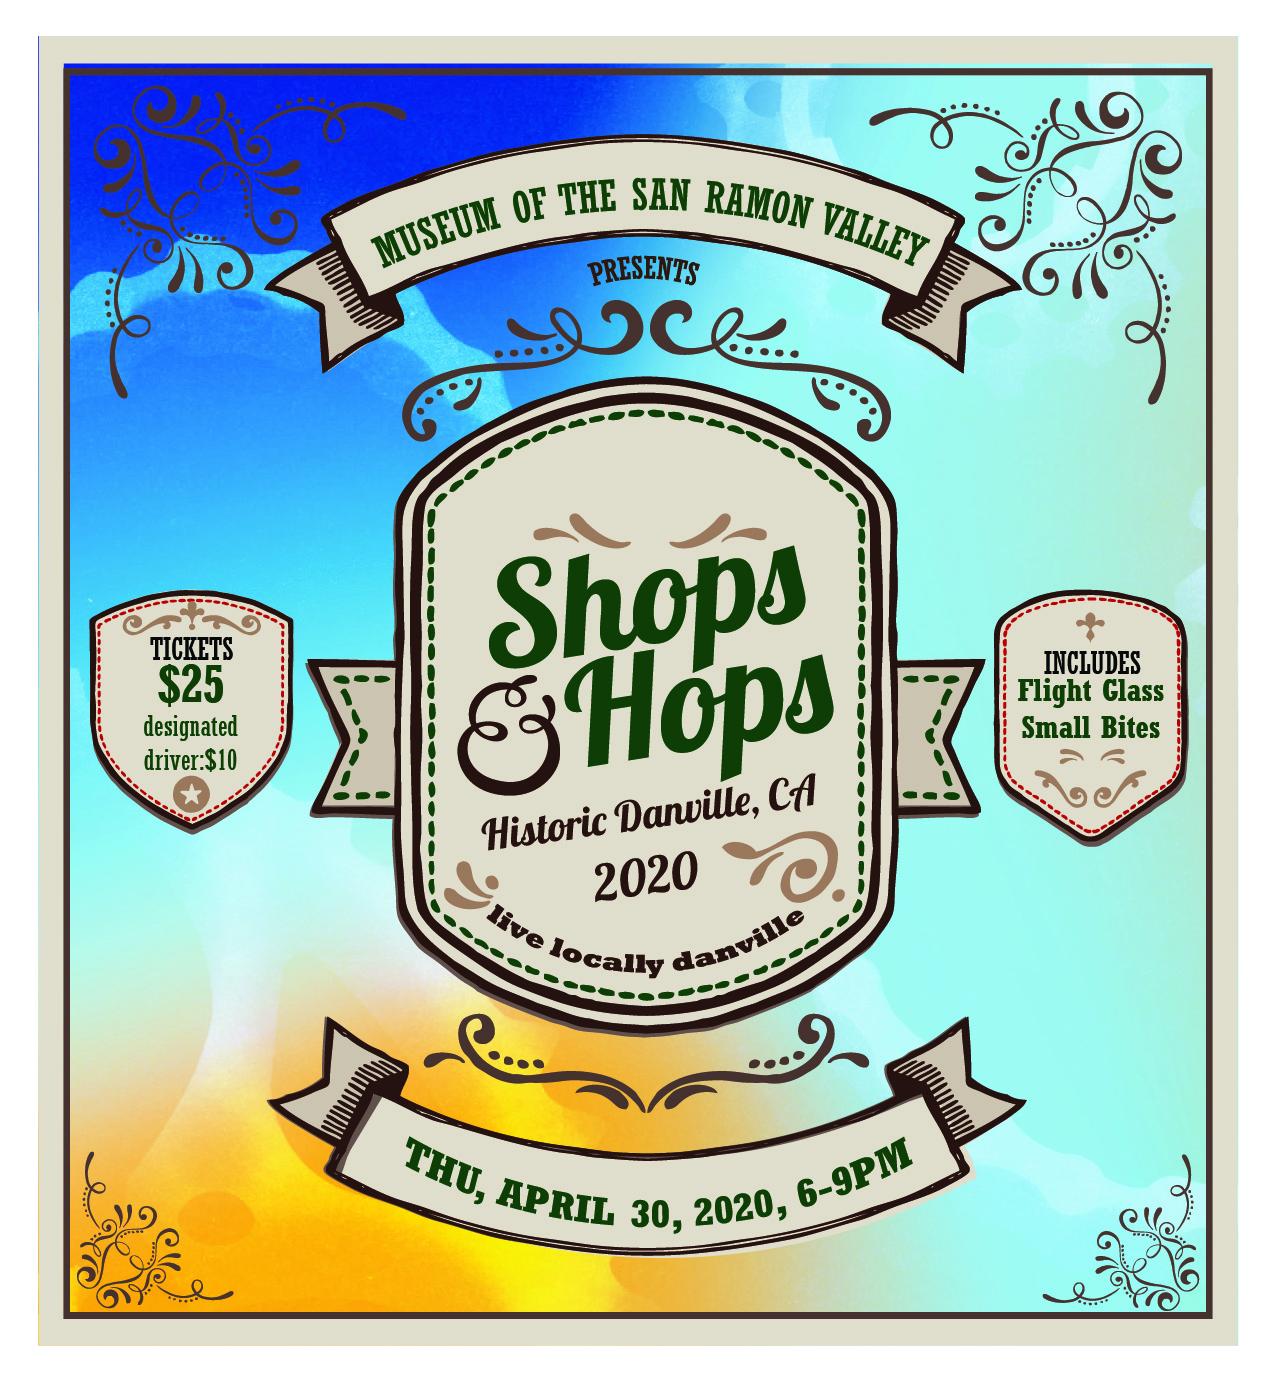 2020 Shops and Hops Banner